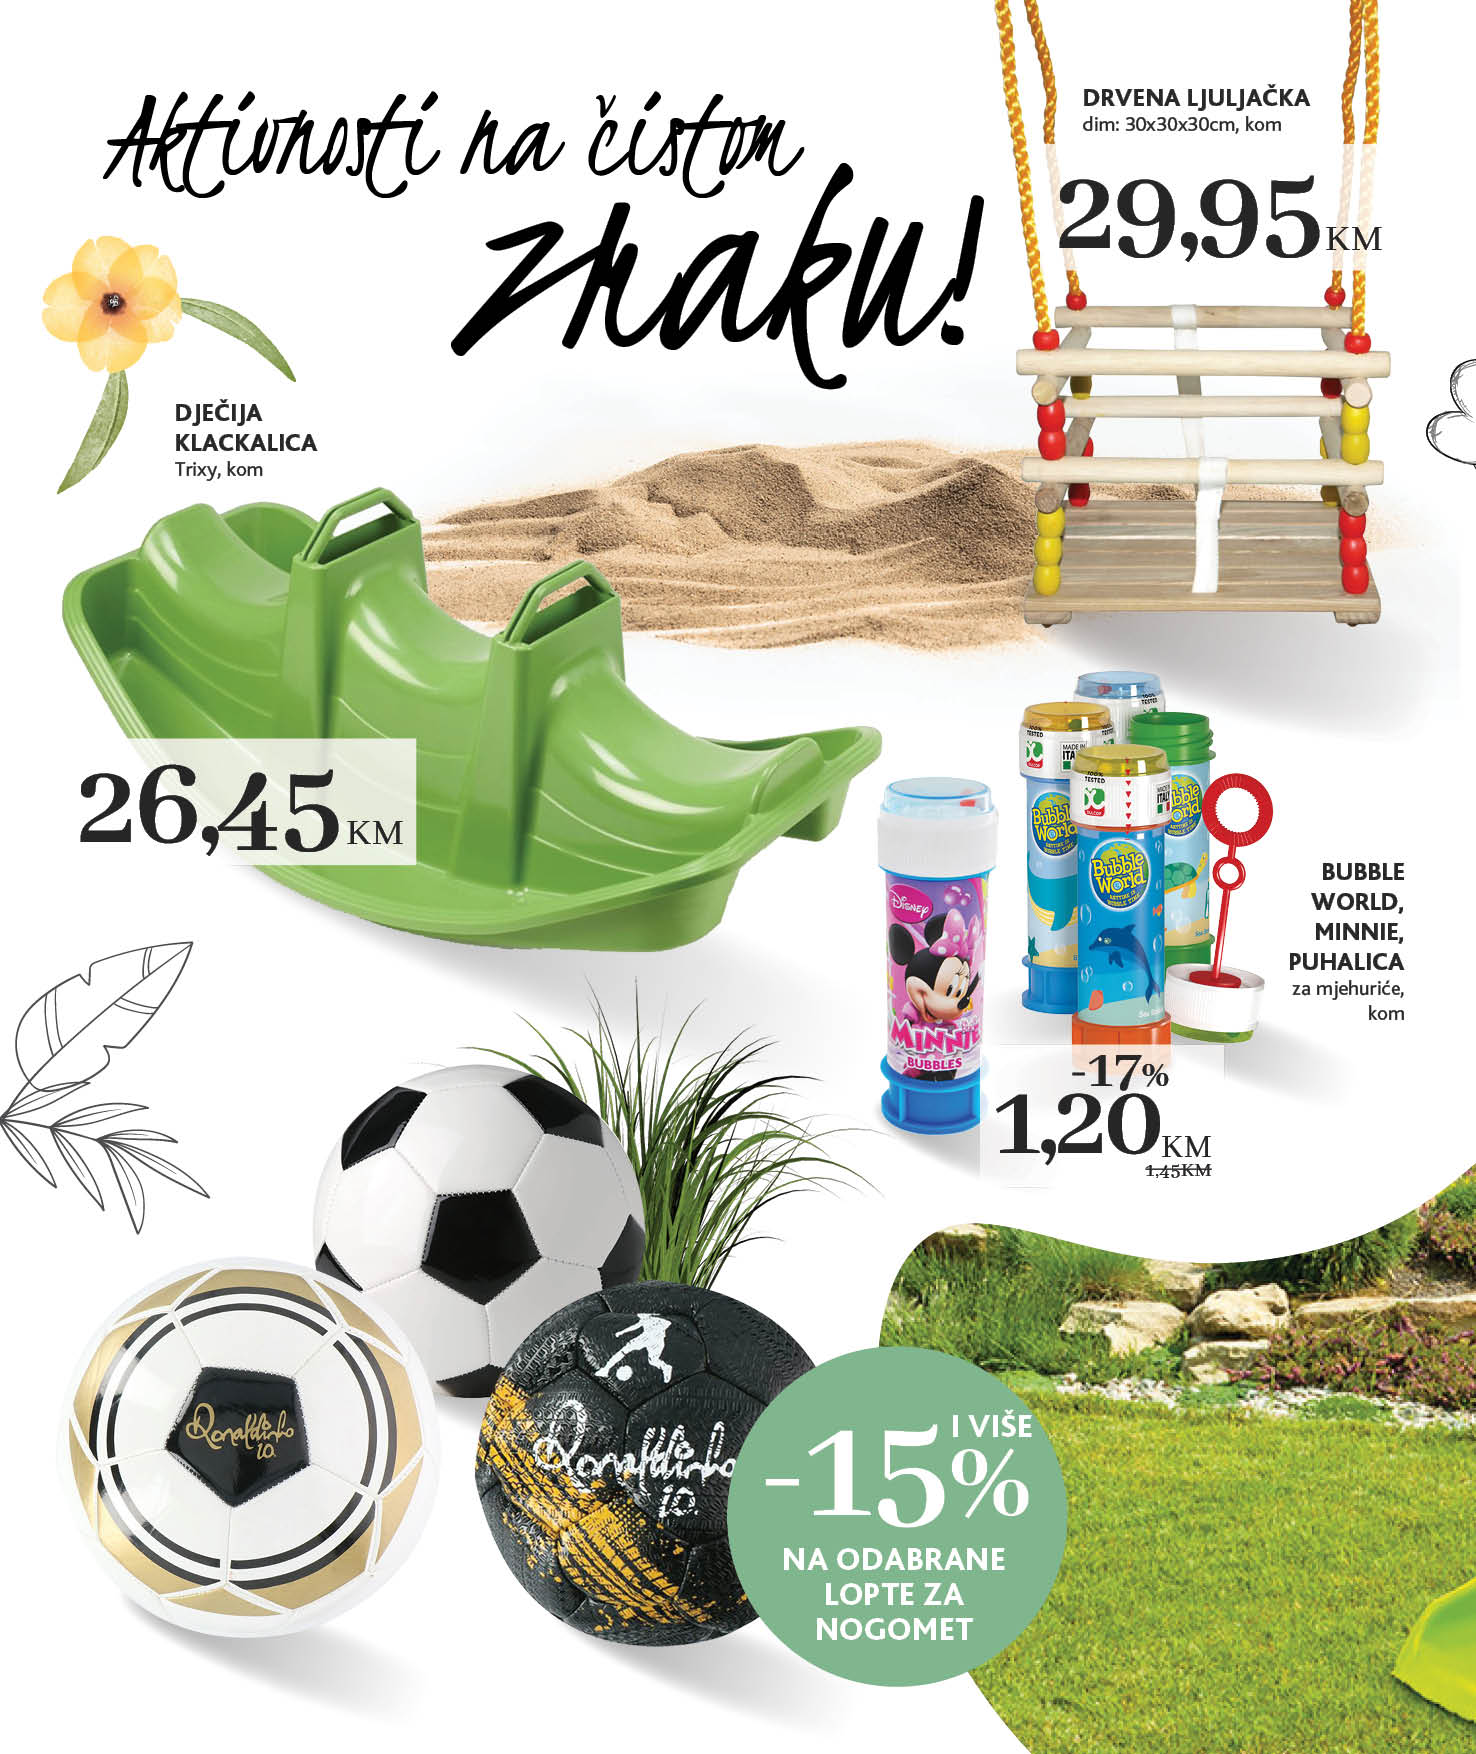 KONZUM Katalog Za boravak u prirodi JUN i JUL 2021 14.6. 14.7. eKatalozi.com PR Page 18